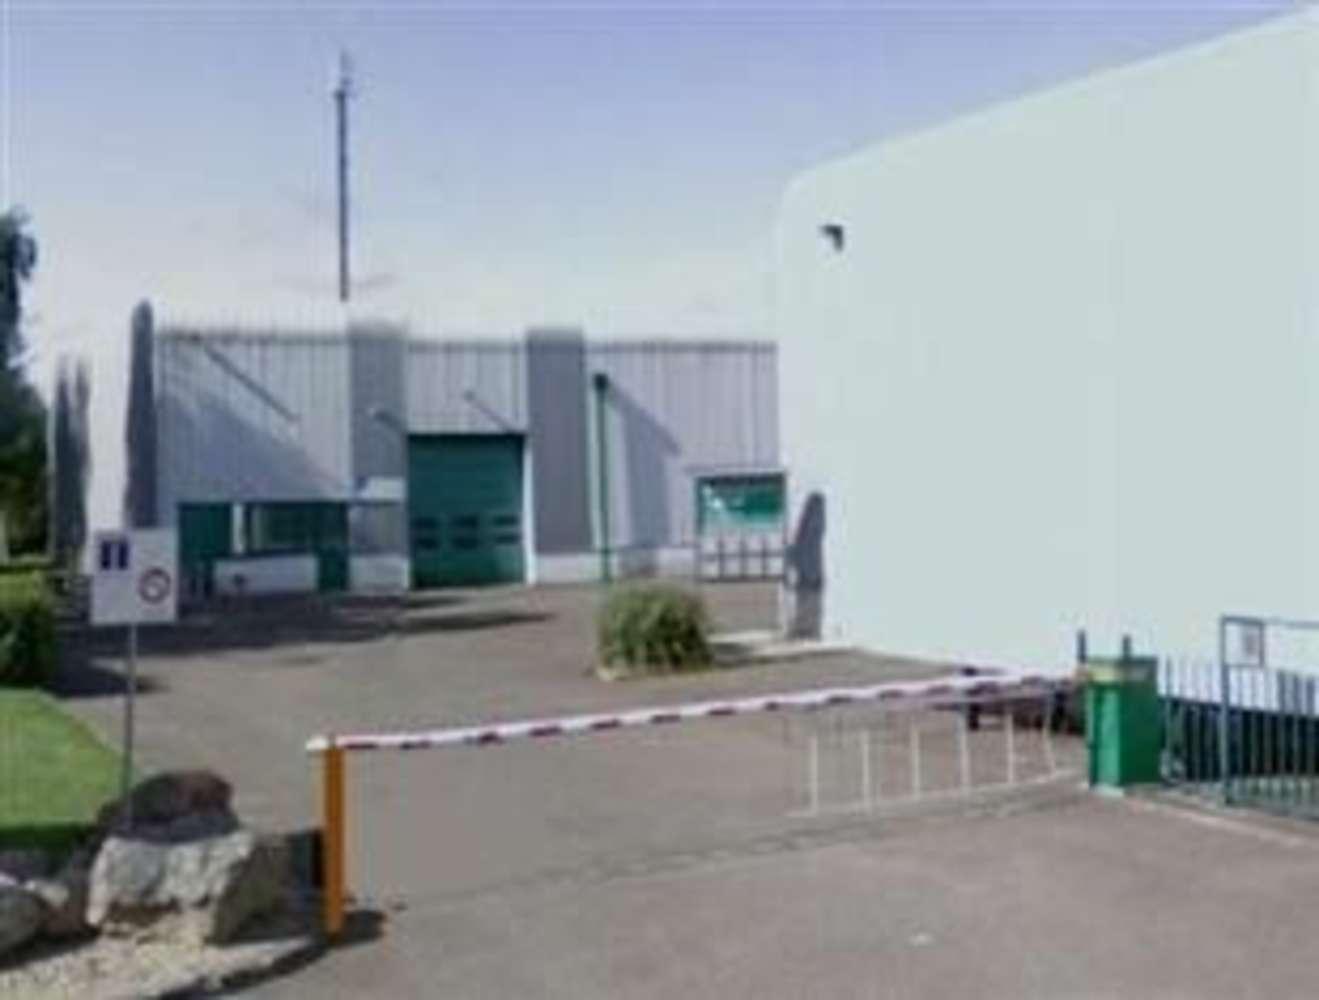 Activités/entrepôt Montigny le bretonneux, 78180 - ZA DE L'OBSERVATOIRE - 9930522